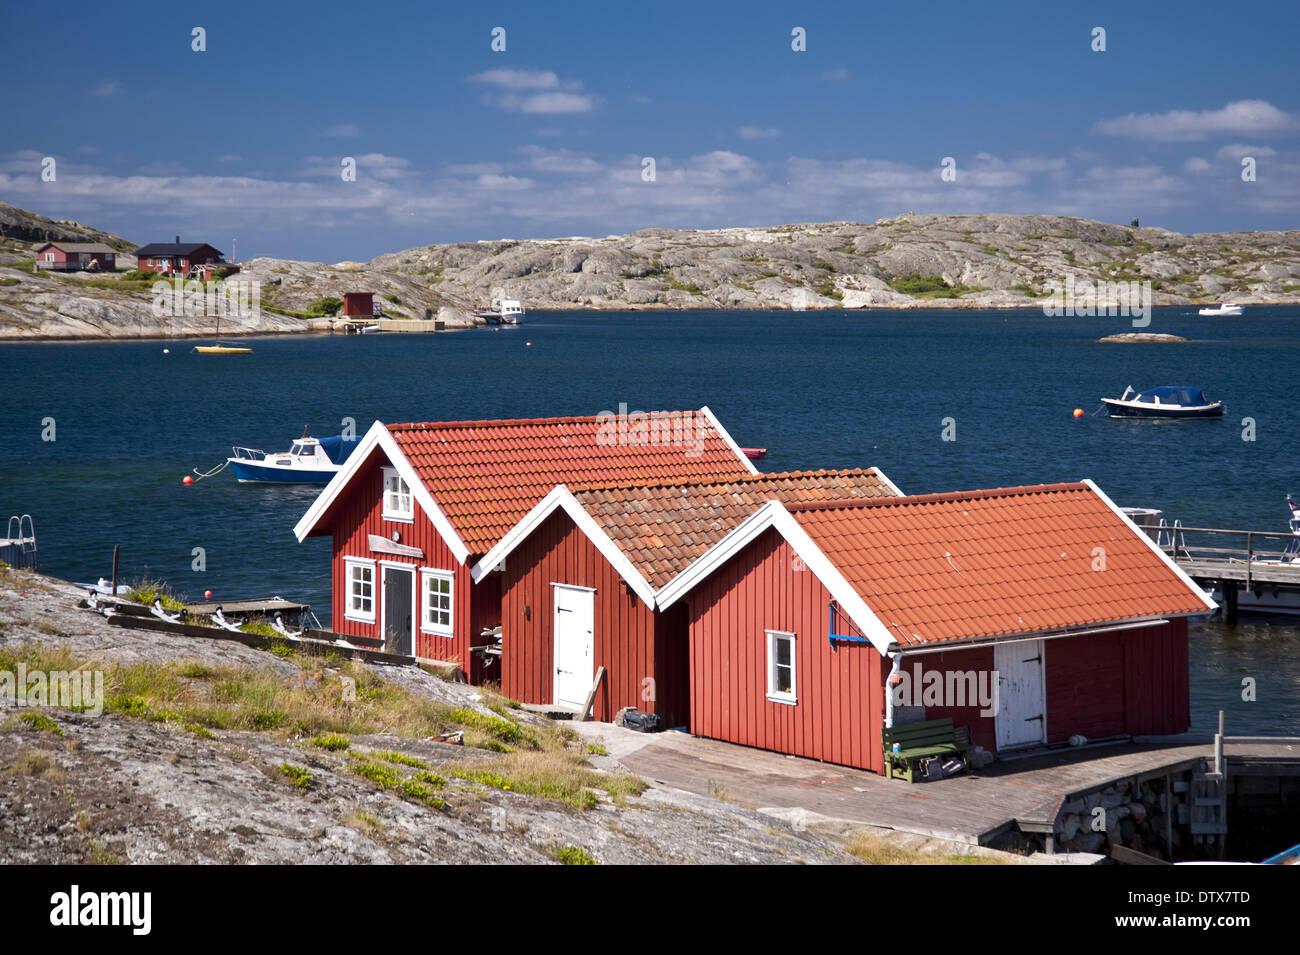 Kaeringoen in Sweden Stock Photo